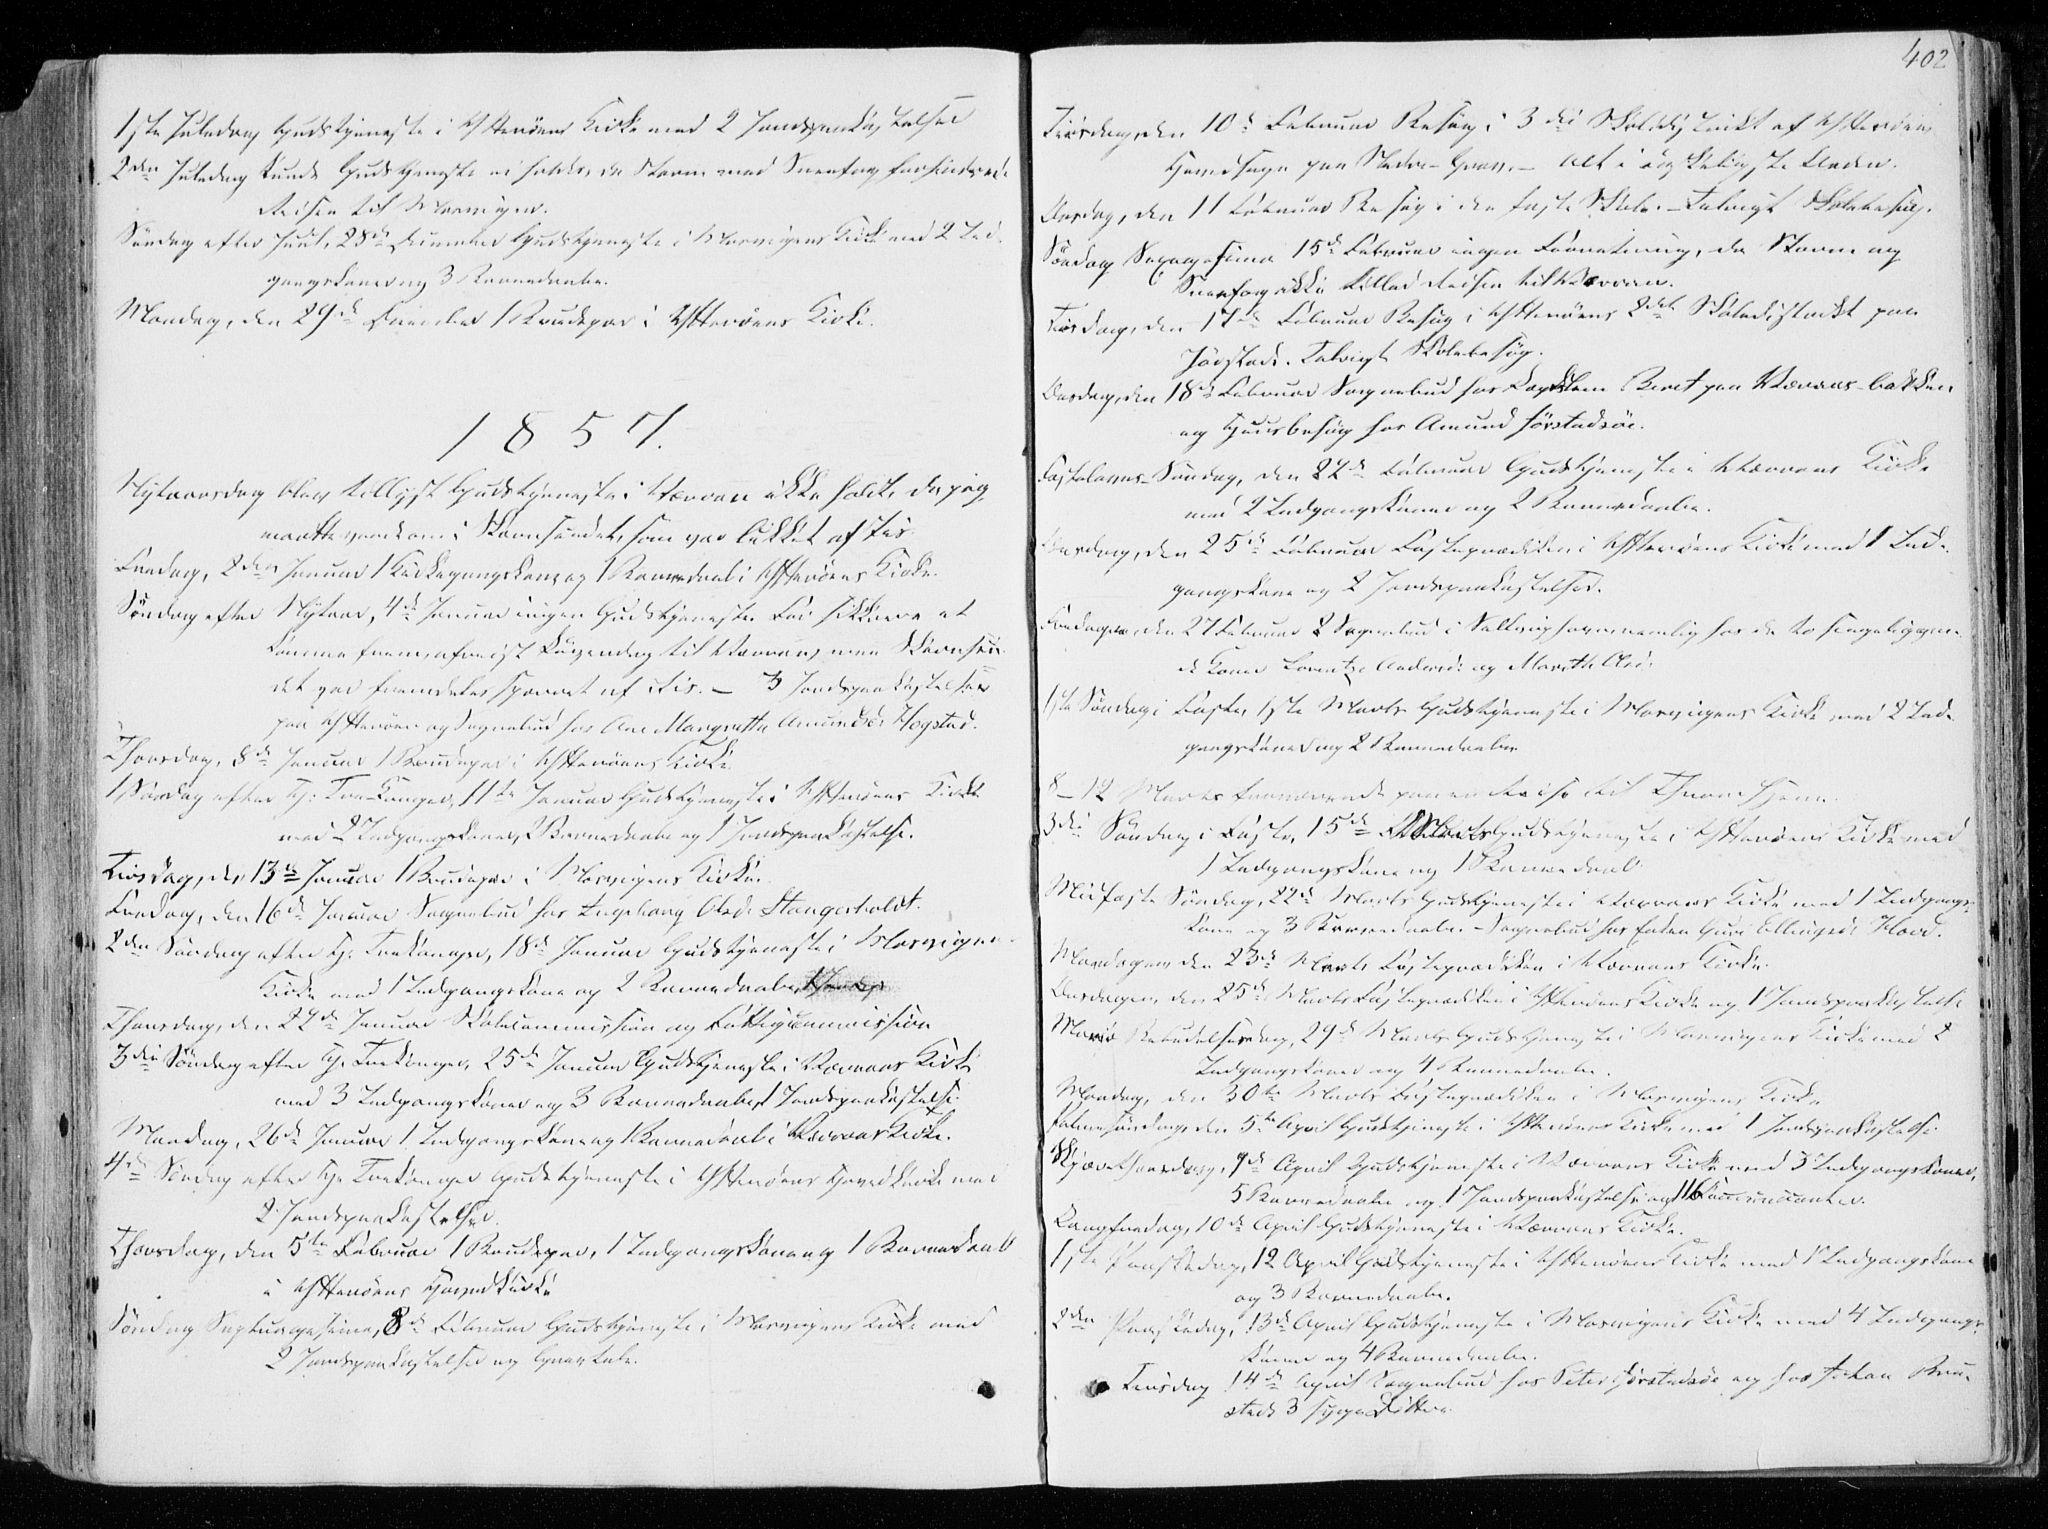 SAT, Ministerialprotokoller, klokkerbøker og fødselsregistre - Nord-Trøndelag, 722/L0218: Ministerialbok nr. 722A05, 1843-1868, s. 402